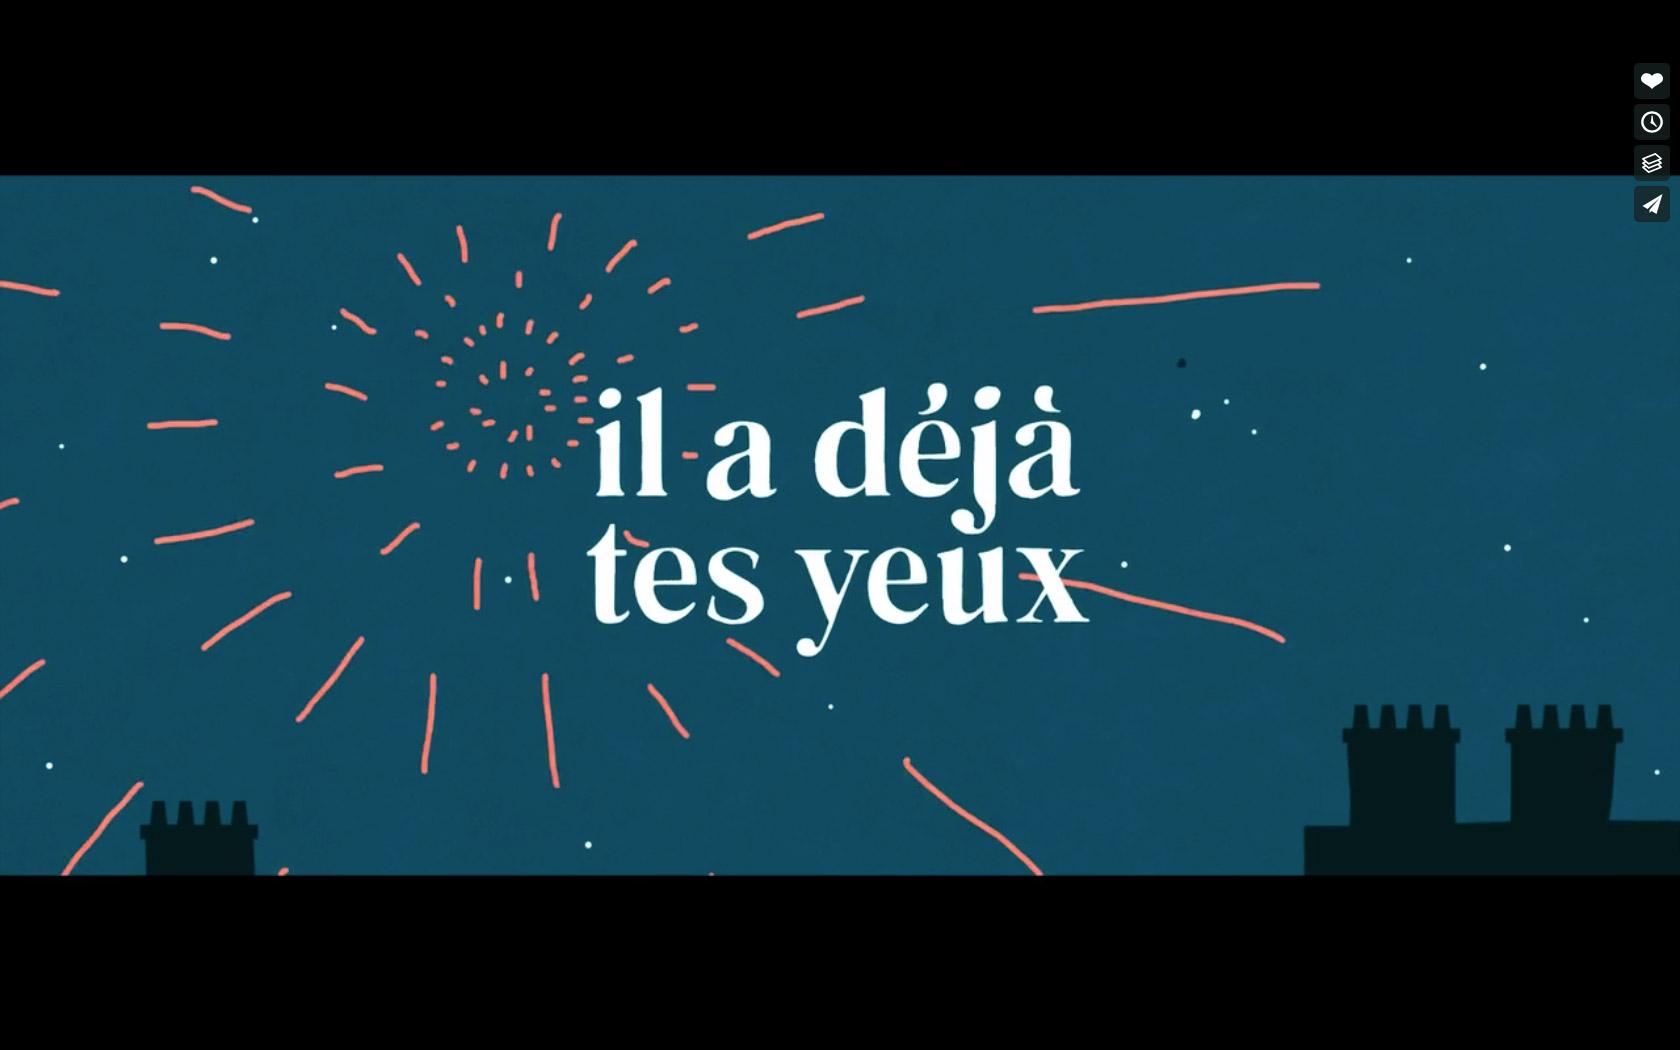 il a déjà tes yeux - Générique du film de Lucien Jean-Baptiste,Opening credits of the french comedyHE EVEN HAS YOUR EYES(NOLITA CINEMA/UGC)Co-réalisé avec / Co-directed with Amélie Vappereau